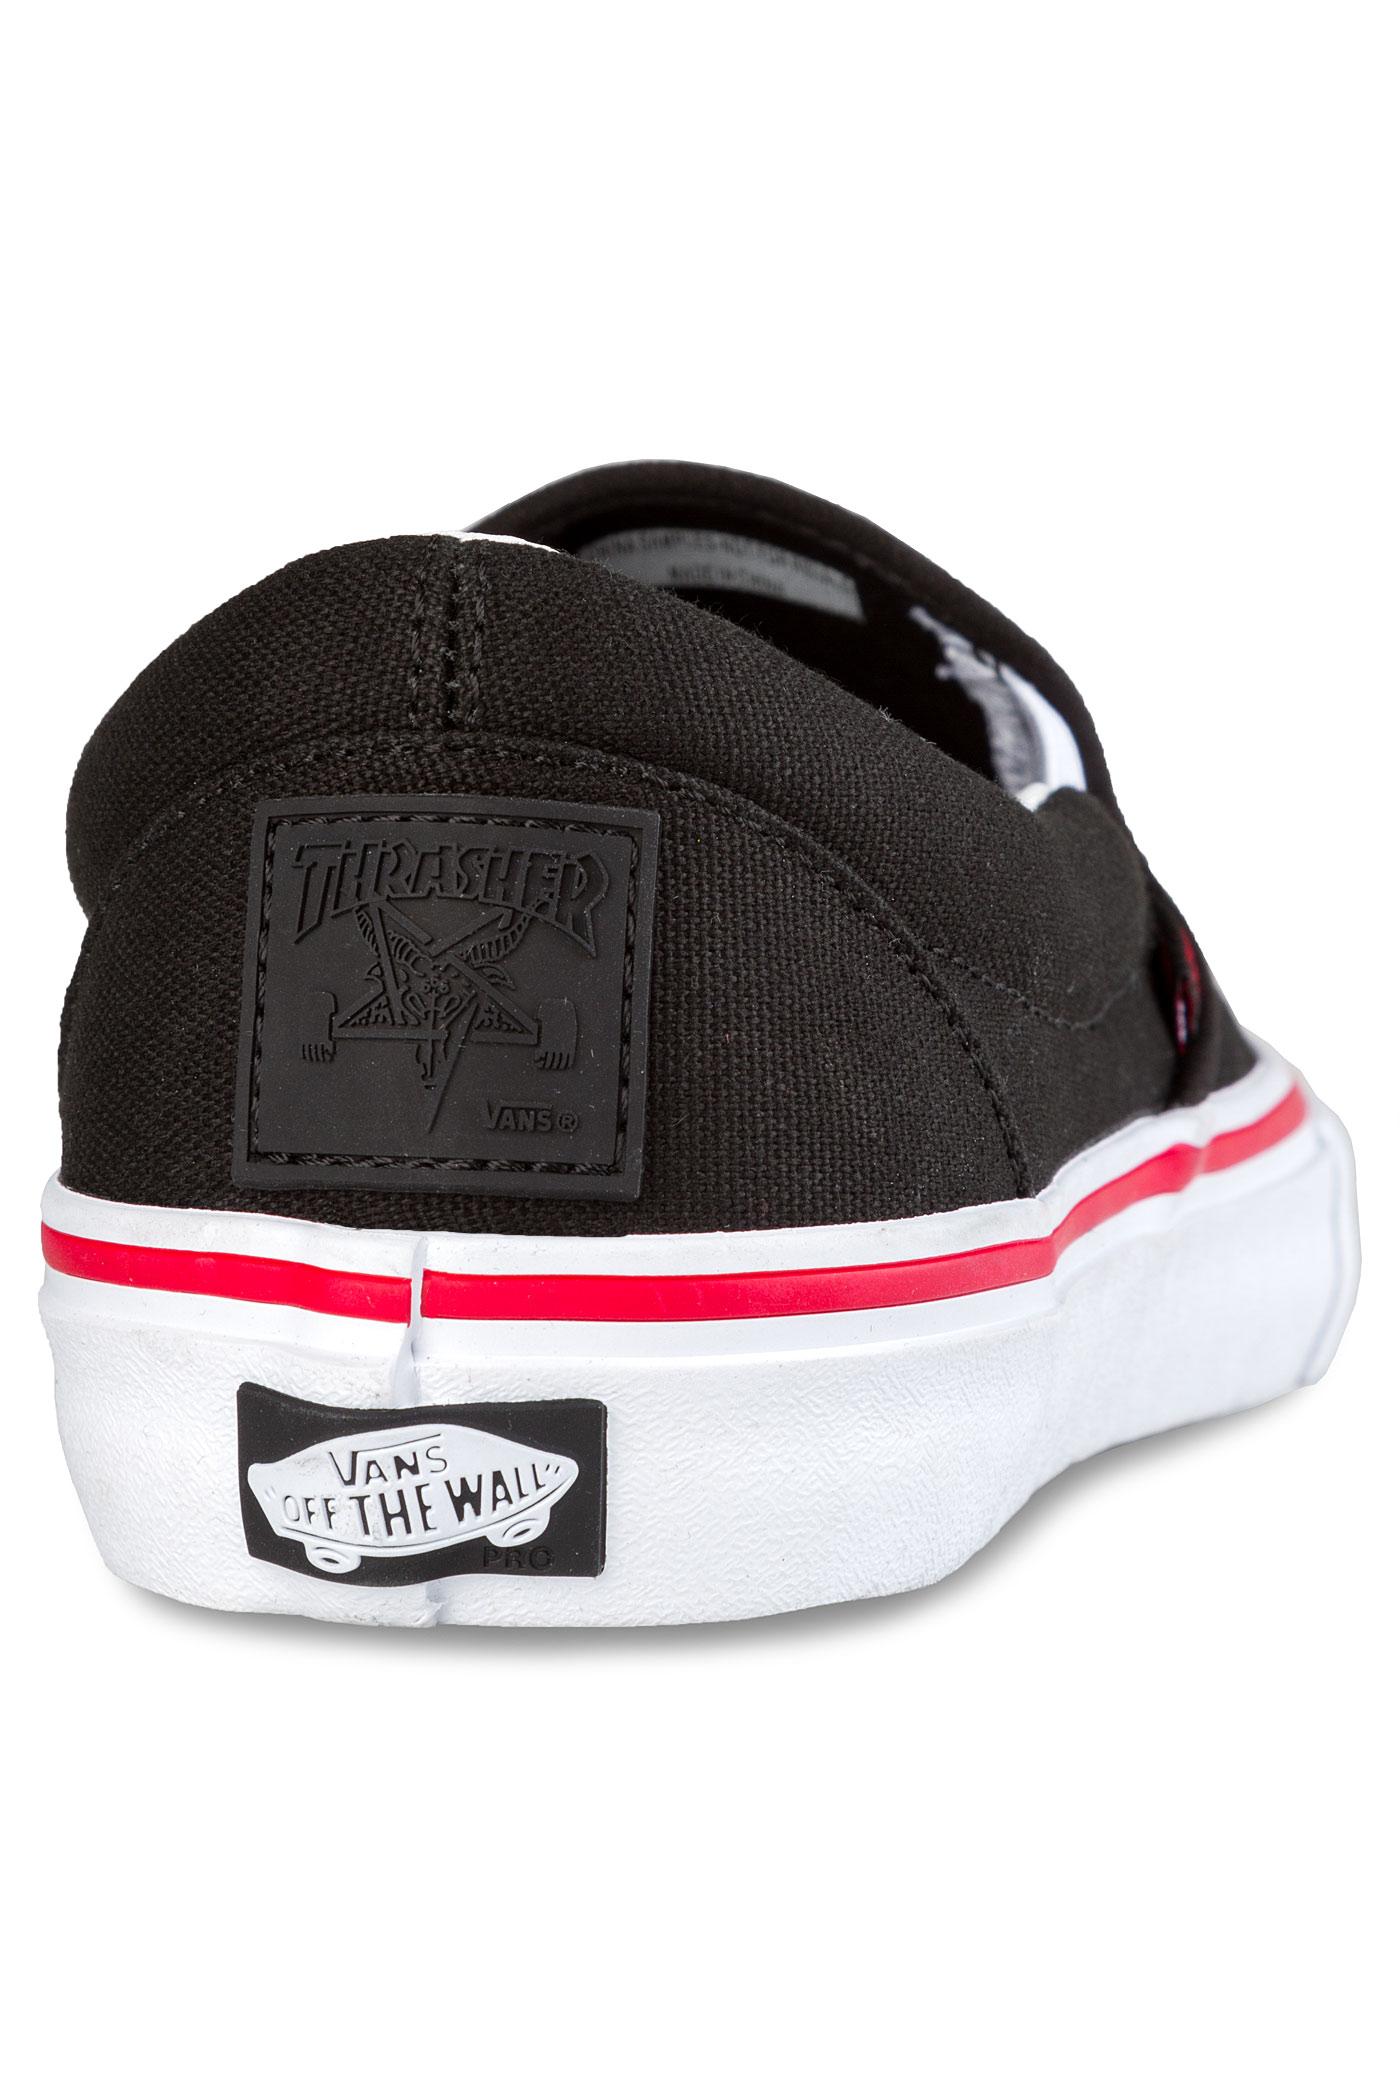 Vans x Thrasher Slip-On Pro Shoes (black) buy at skatedeluxe 9bc5058be